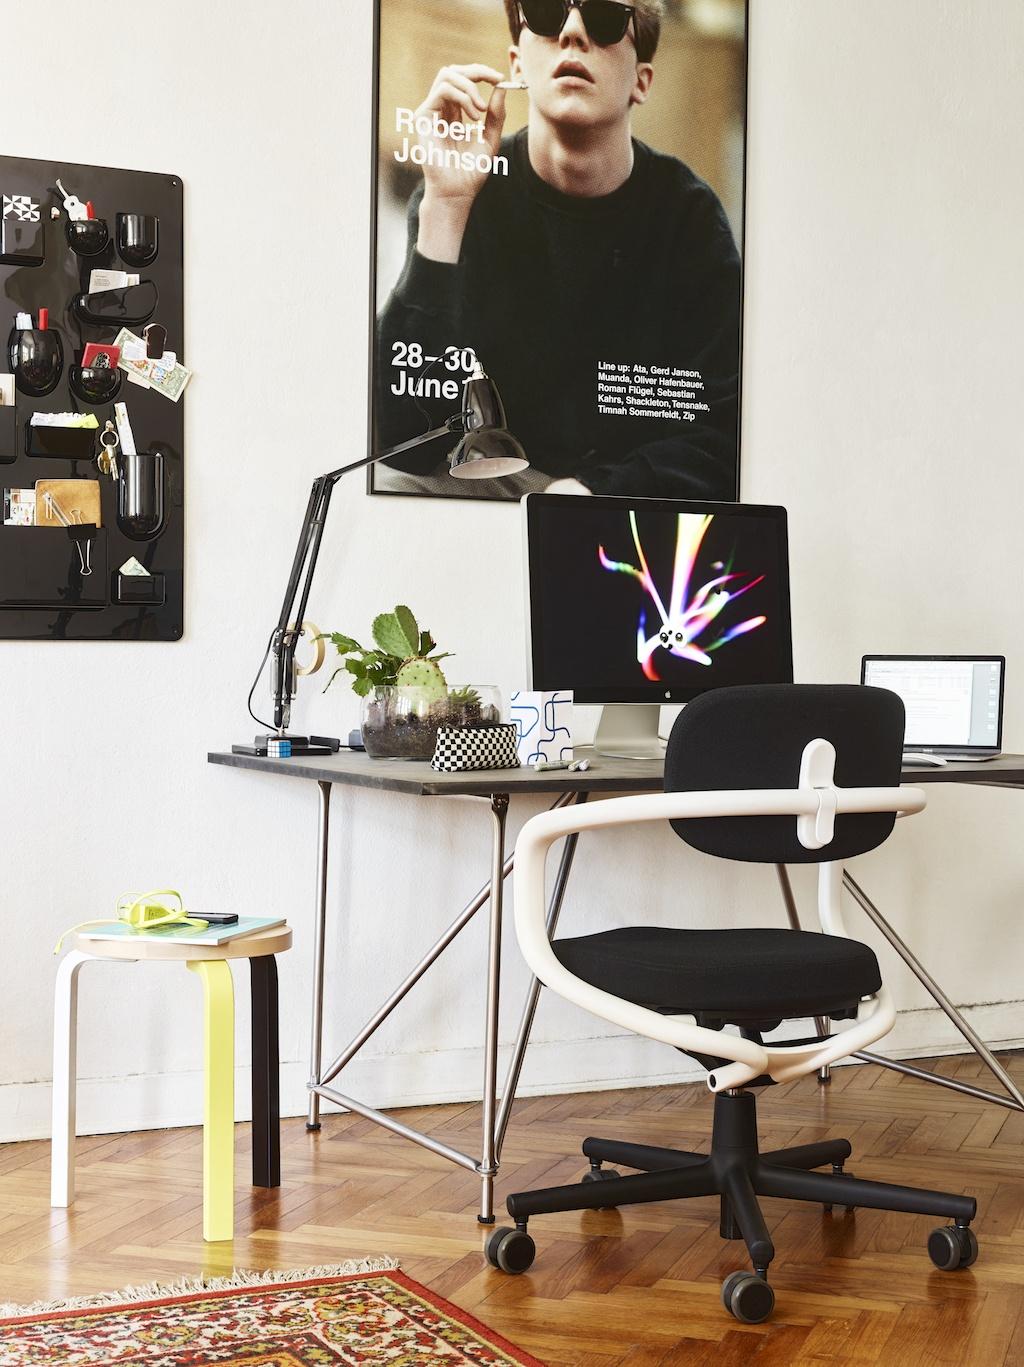 Kein Platz Gibt Es Nicht Clevere Mobel Fur Kleine Raume Designblog